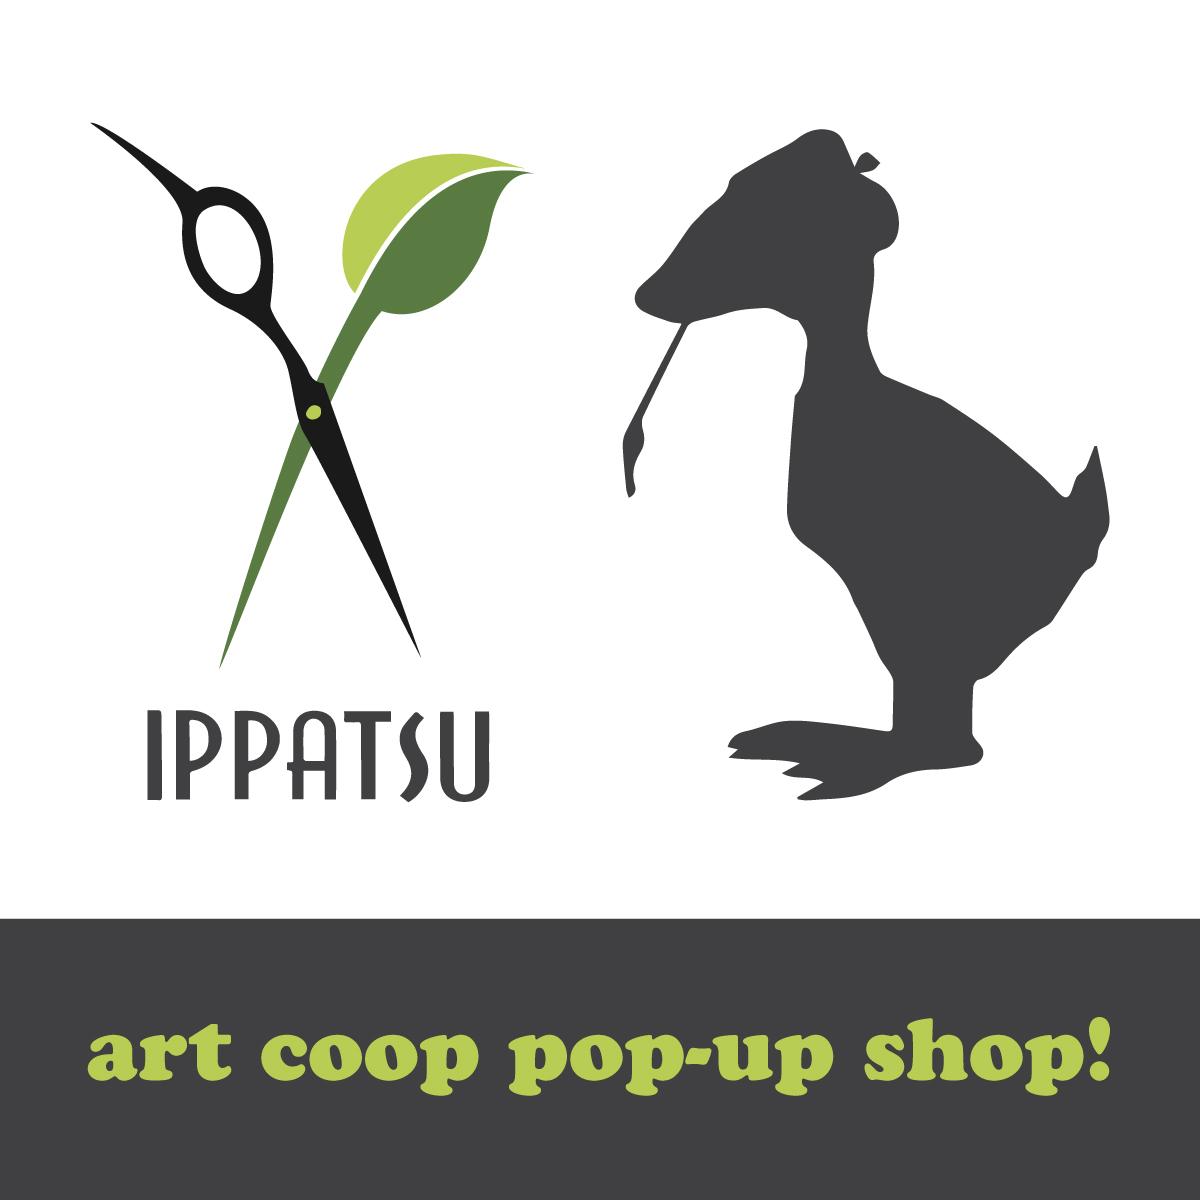 Ippatsu Pop-Up Shop Kit #10